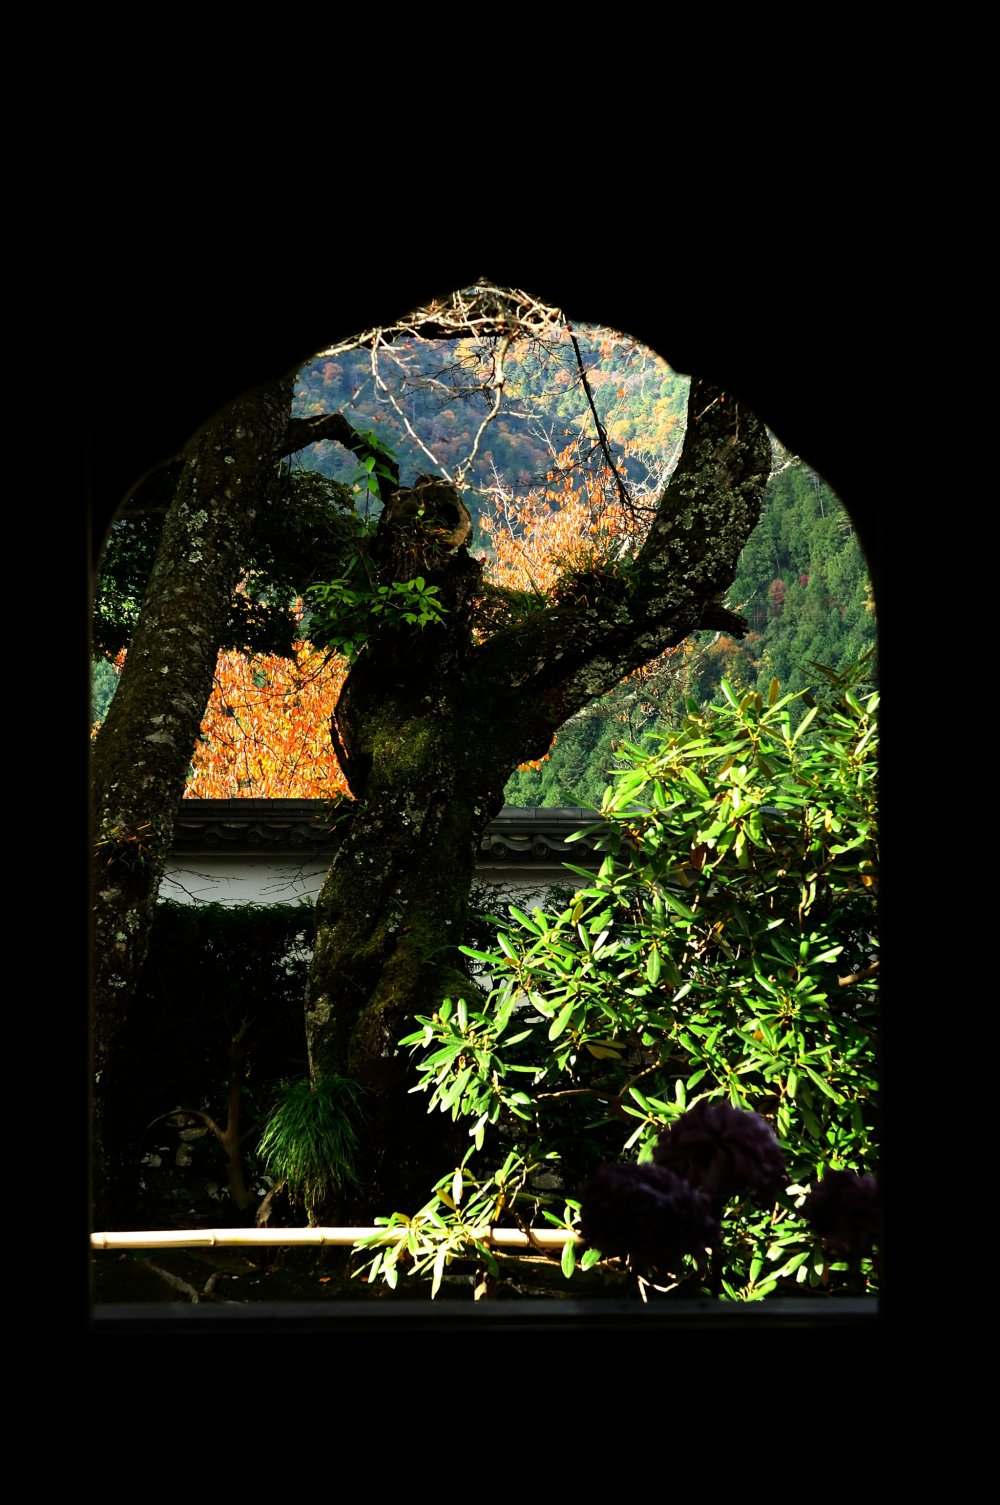 客殿、居室の飾り窓 必ずこの窓から外をのぞく